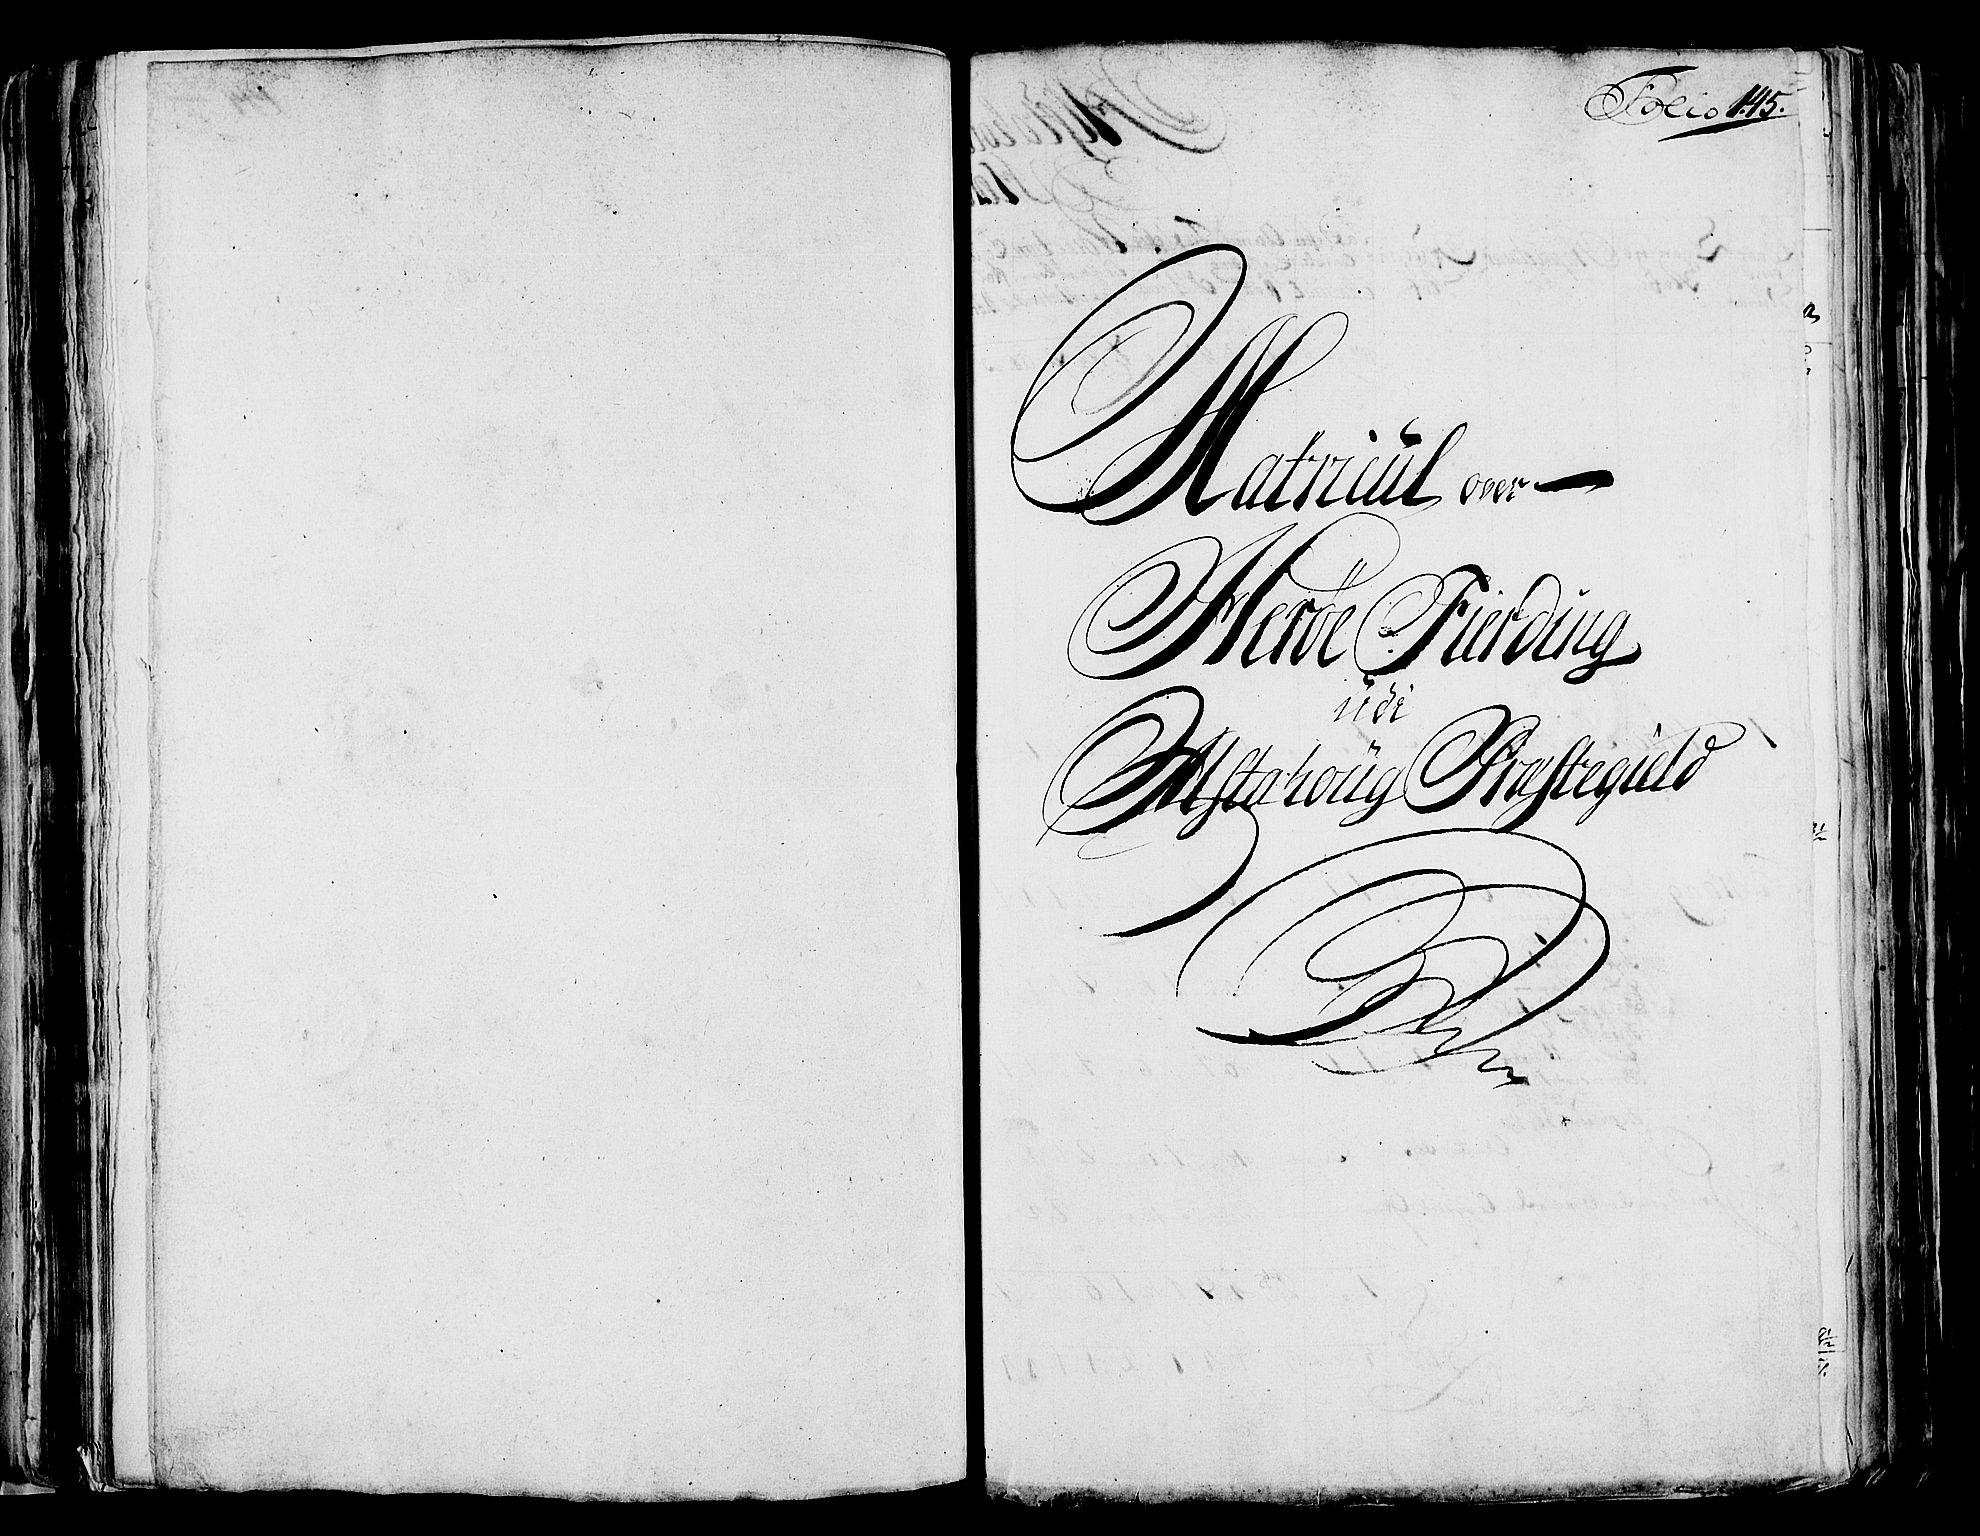 RA, Rentekammeret inntil 1814, Realistisk ordnet avdeling, N/Nb/Nbf/L0171: Helgeland matrikkelprotokoll, 1723, s. 144b-145a